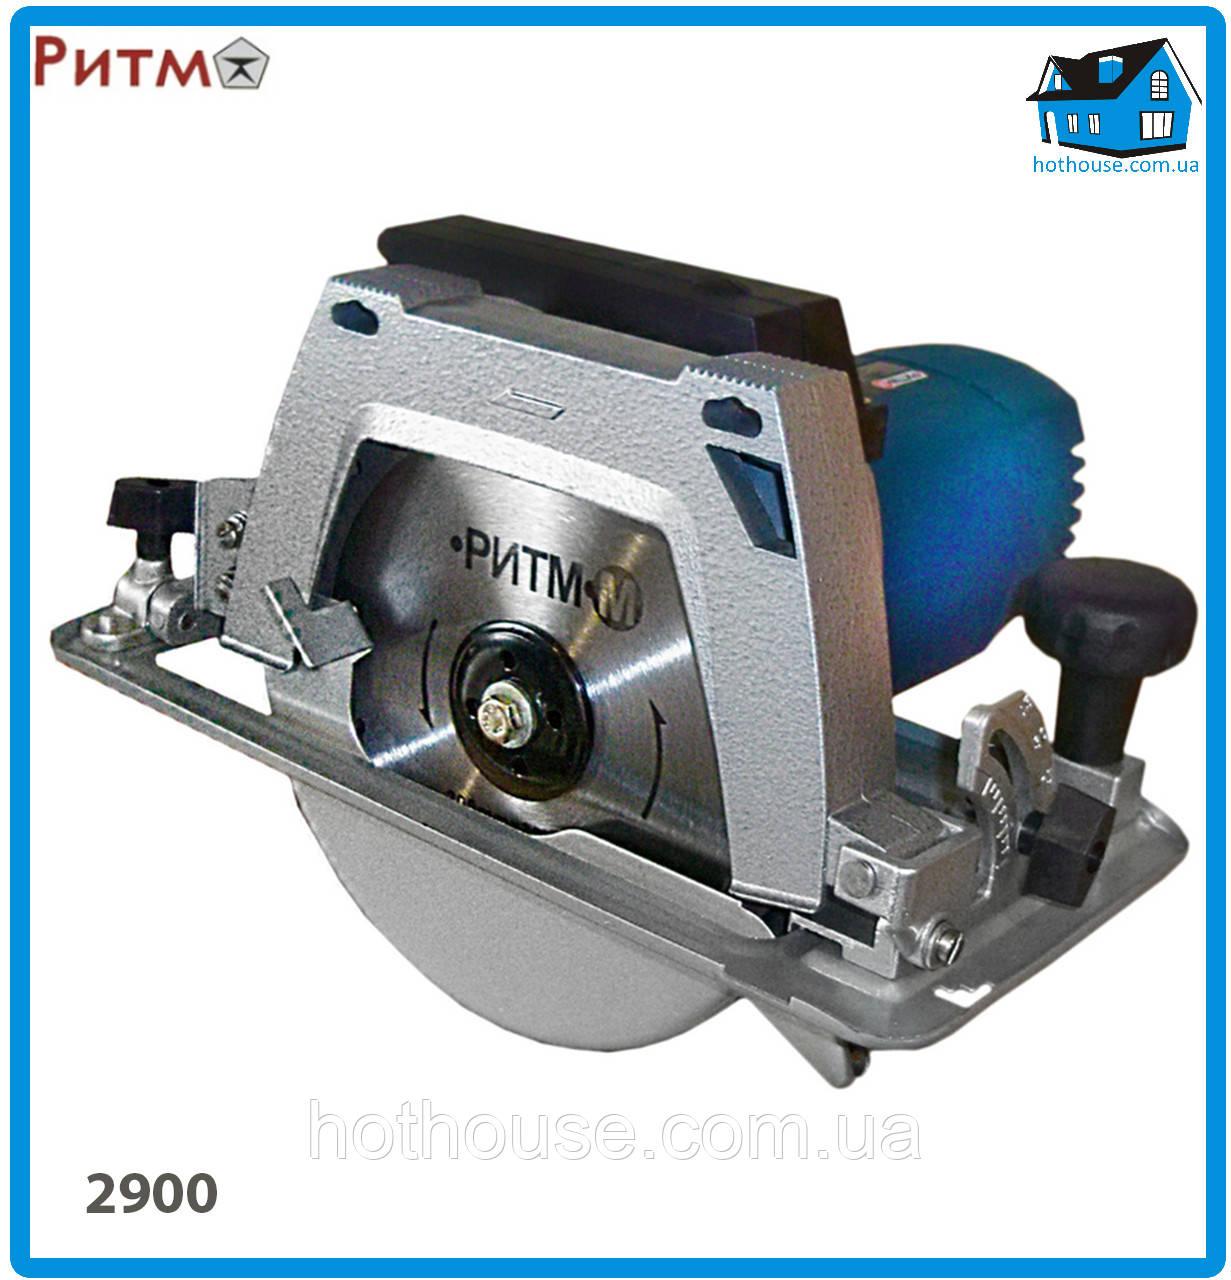 Пила дисковая электрическая Ритм-М ПД 2900С REBIR